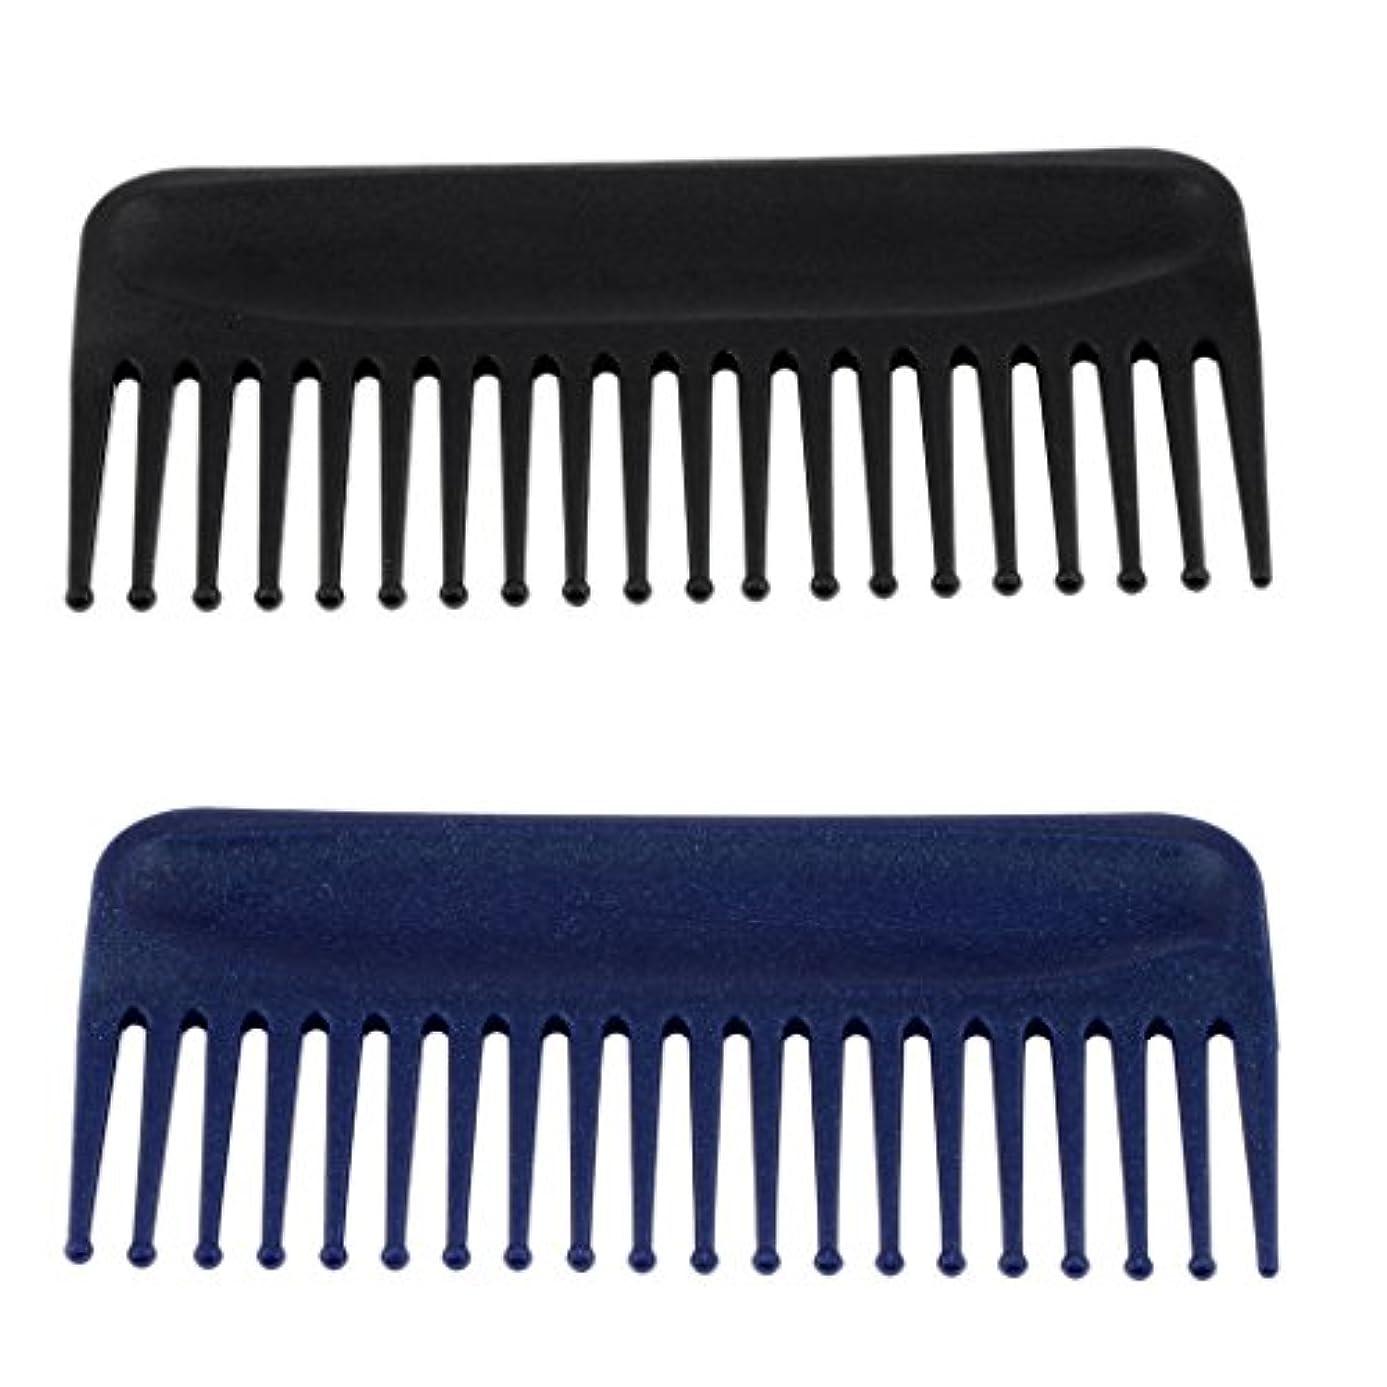 休眠弾丸めまいToygogo 2x広い歯の櫛、帯電防止の耐熱性、もつれのくし、長いぬれた髪の毛のためのデタングラーの毛の櫛は巻き毛をまっすぐにします